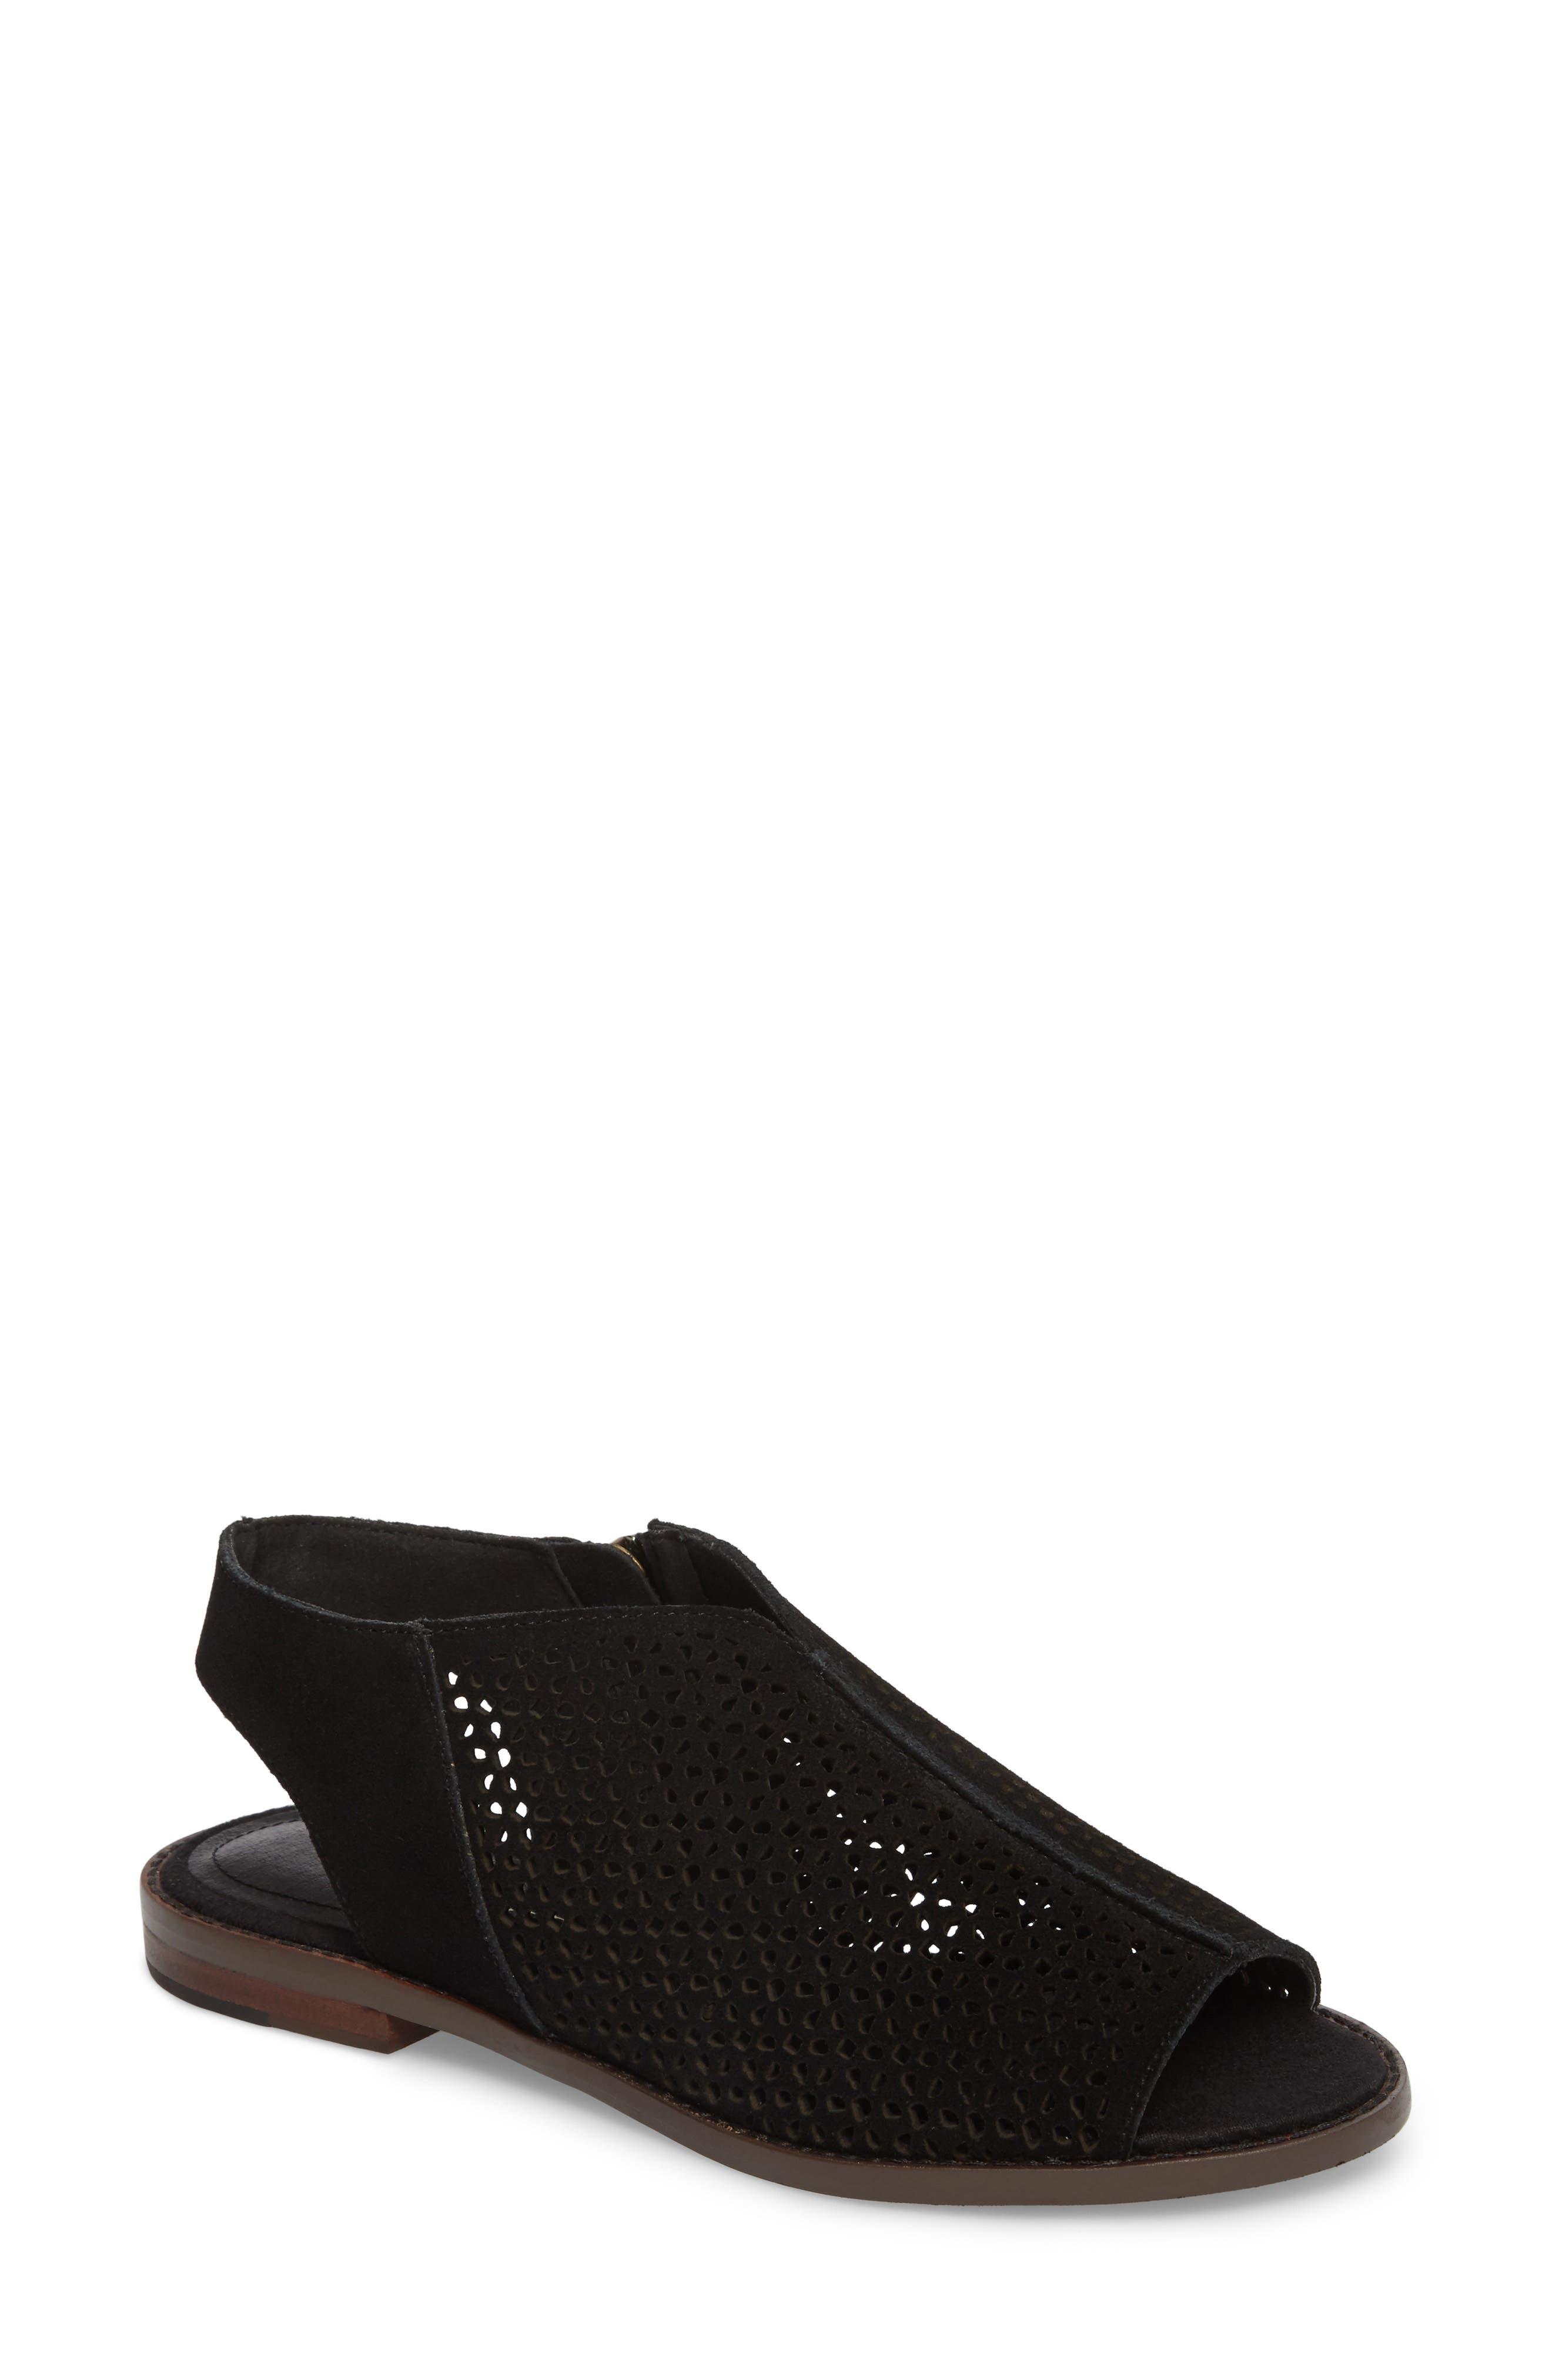 Seneca Perforated Sandal,                         Main,                         color, 001